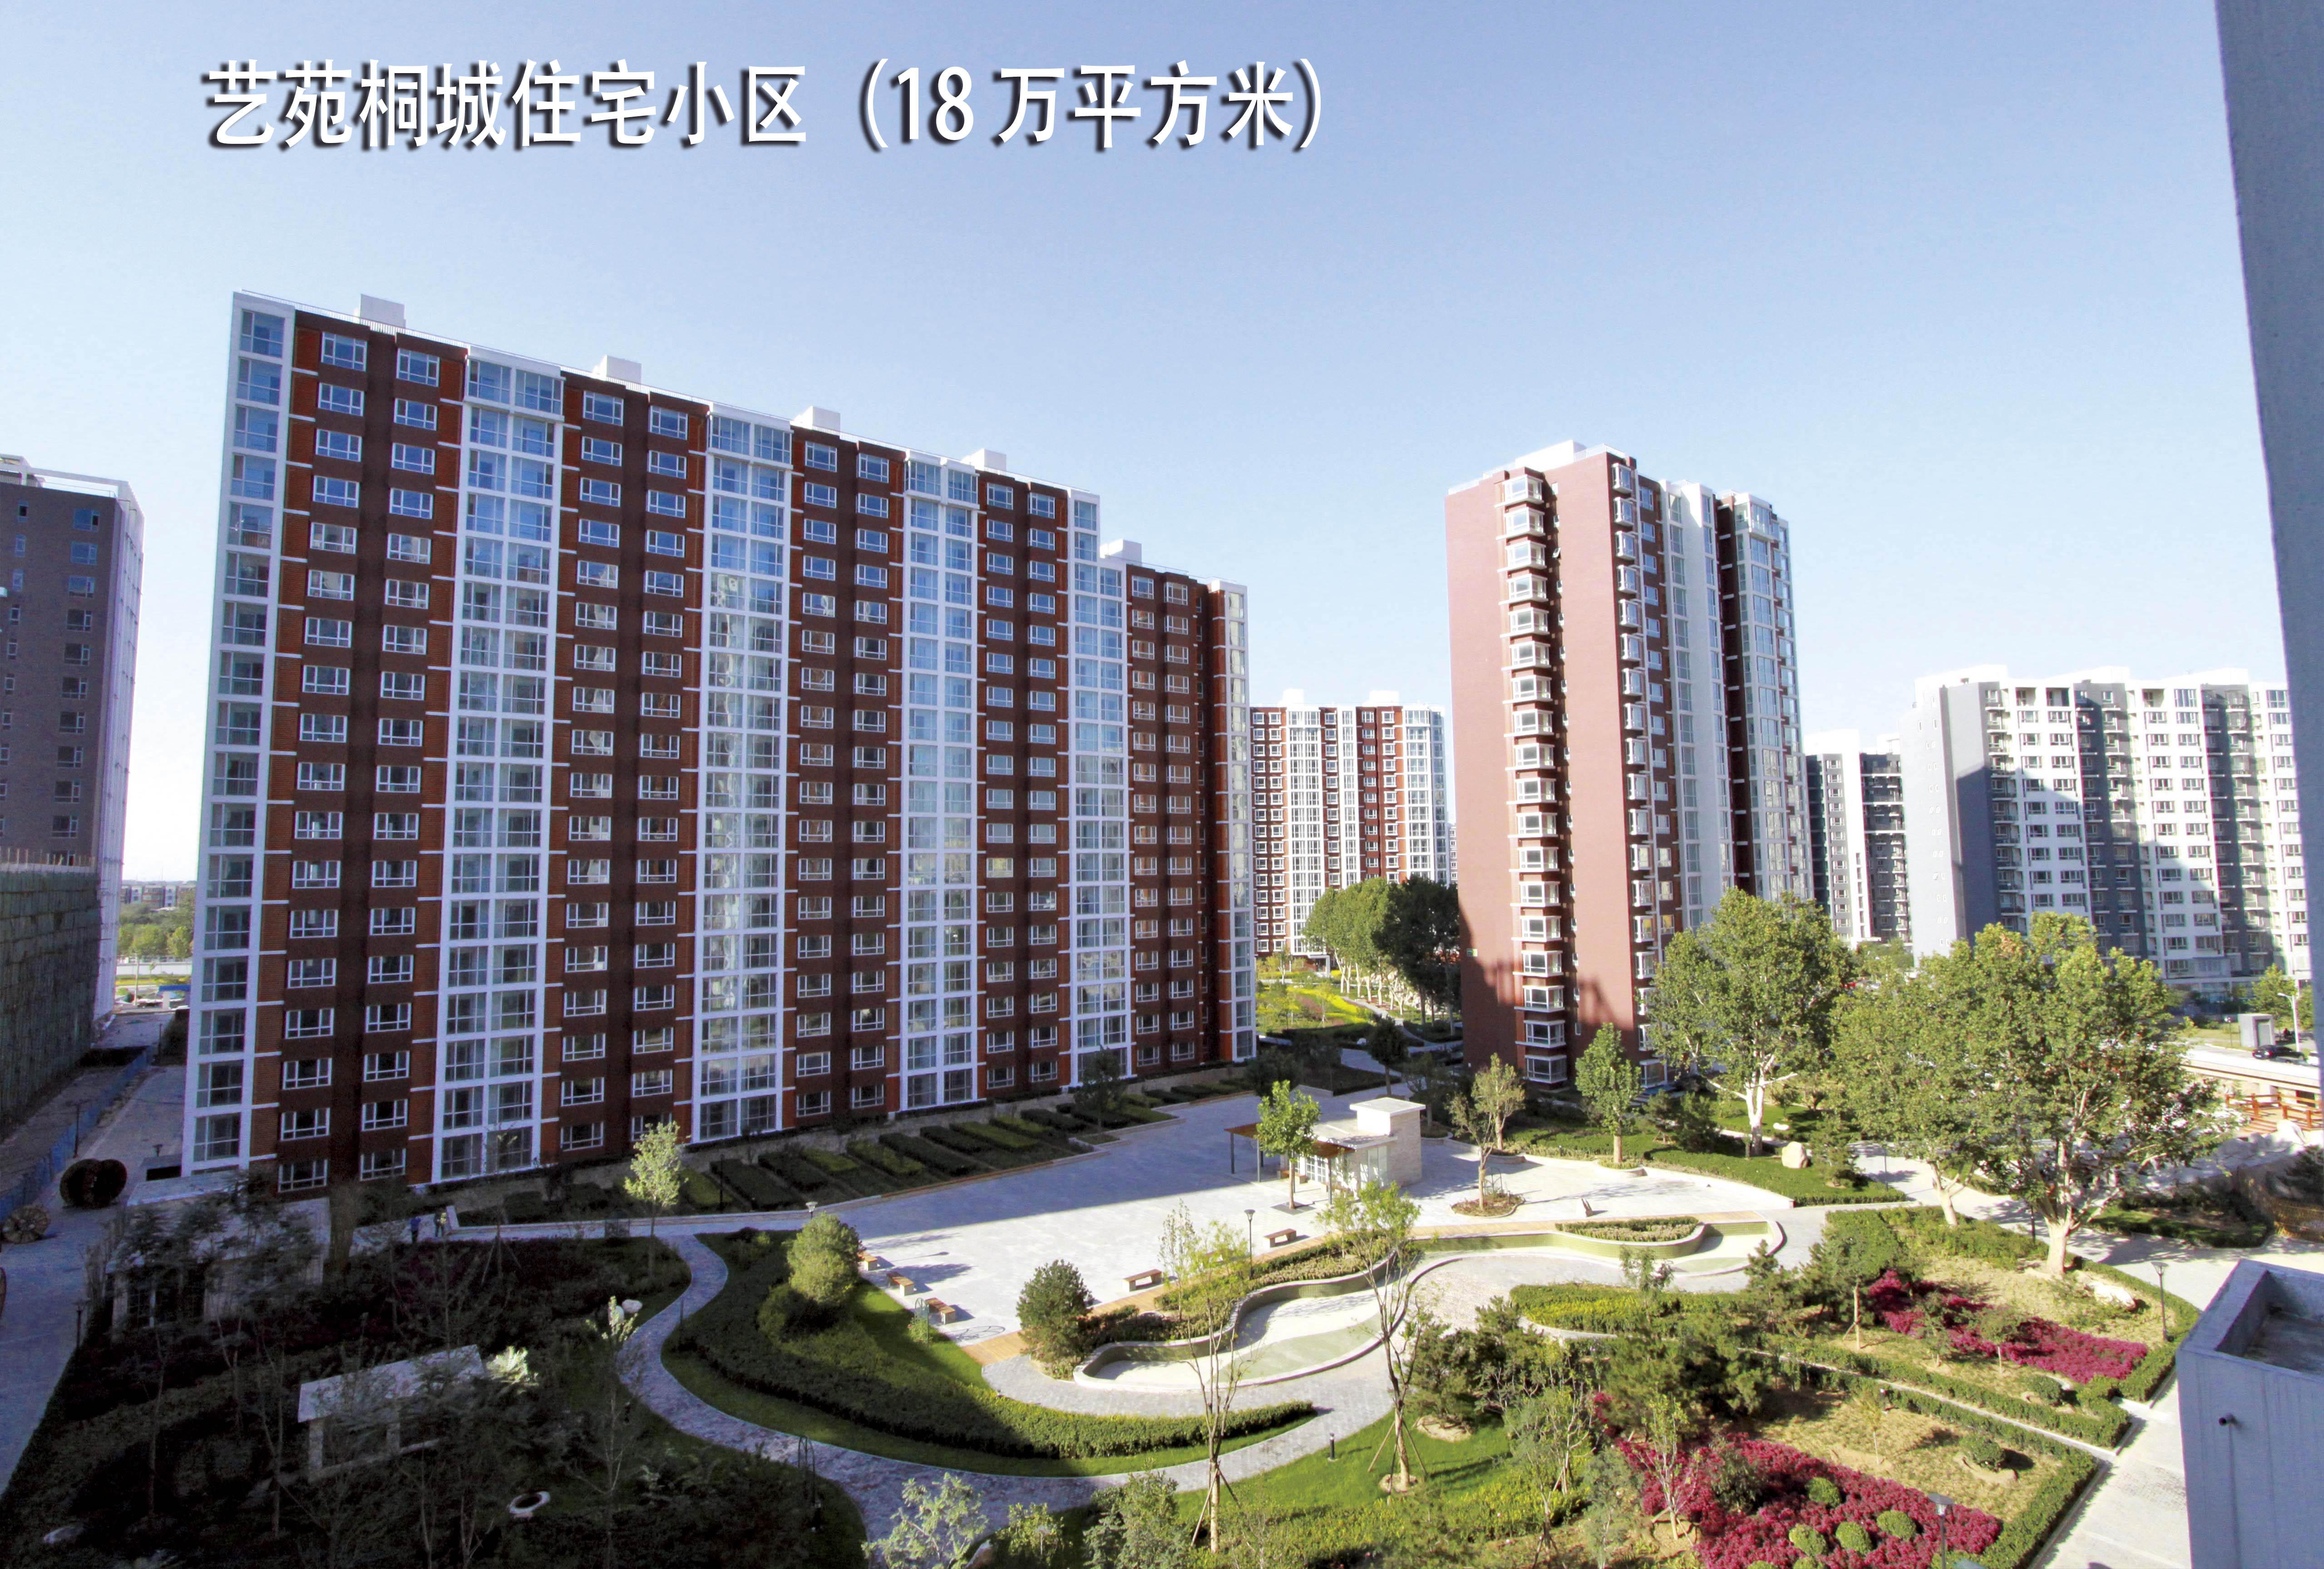 藝苑桐城住宅小區(18 萬平方米)